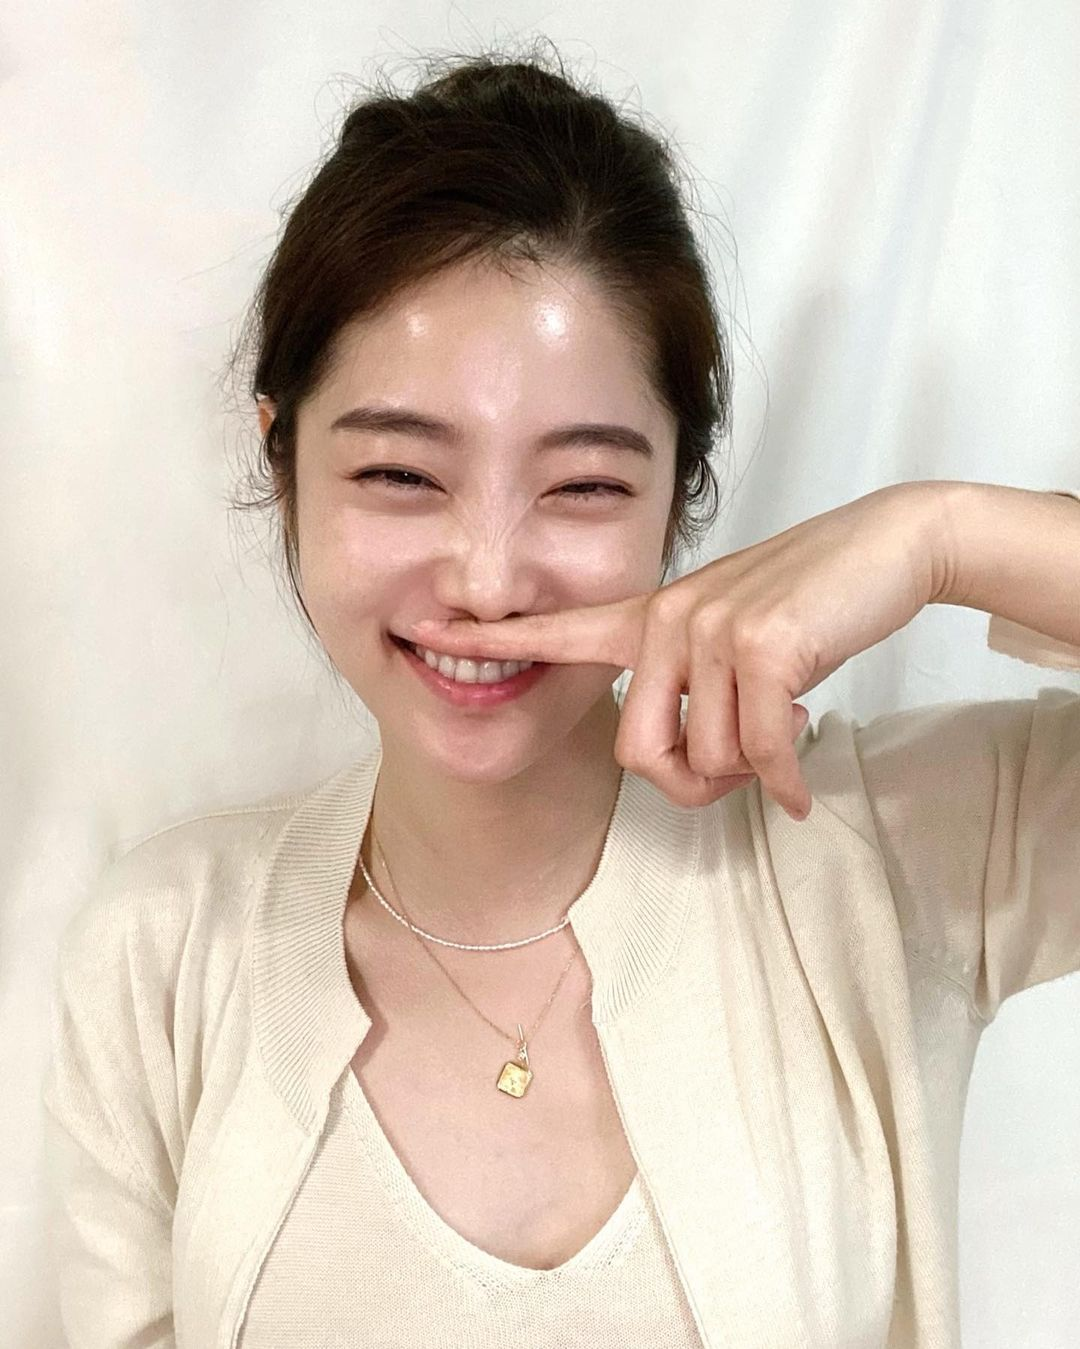 韩国甜甜小姐姐한나身材超会藏根本是神隐少女 宅猫猫 热图2